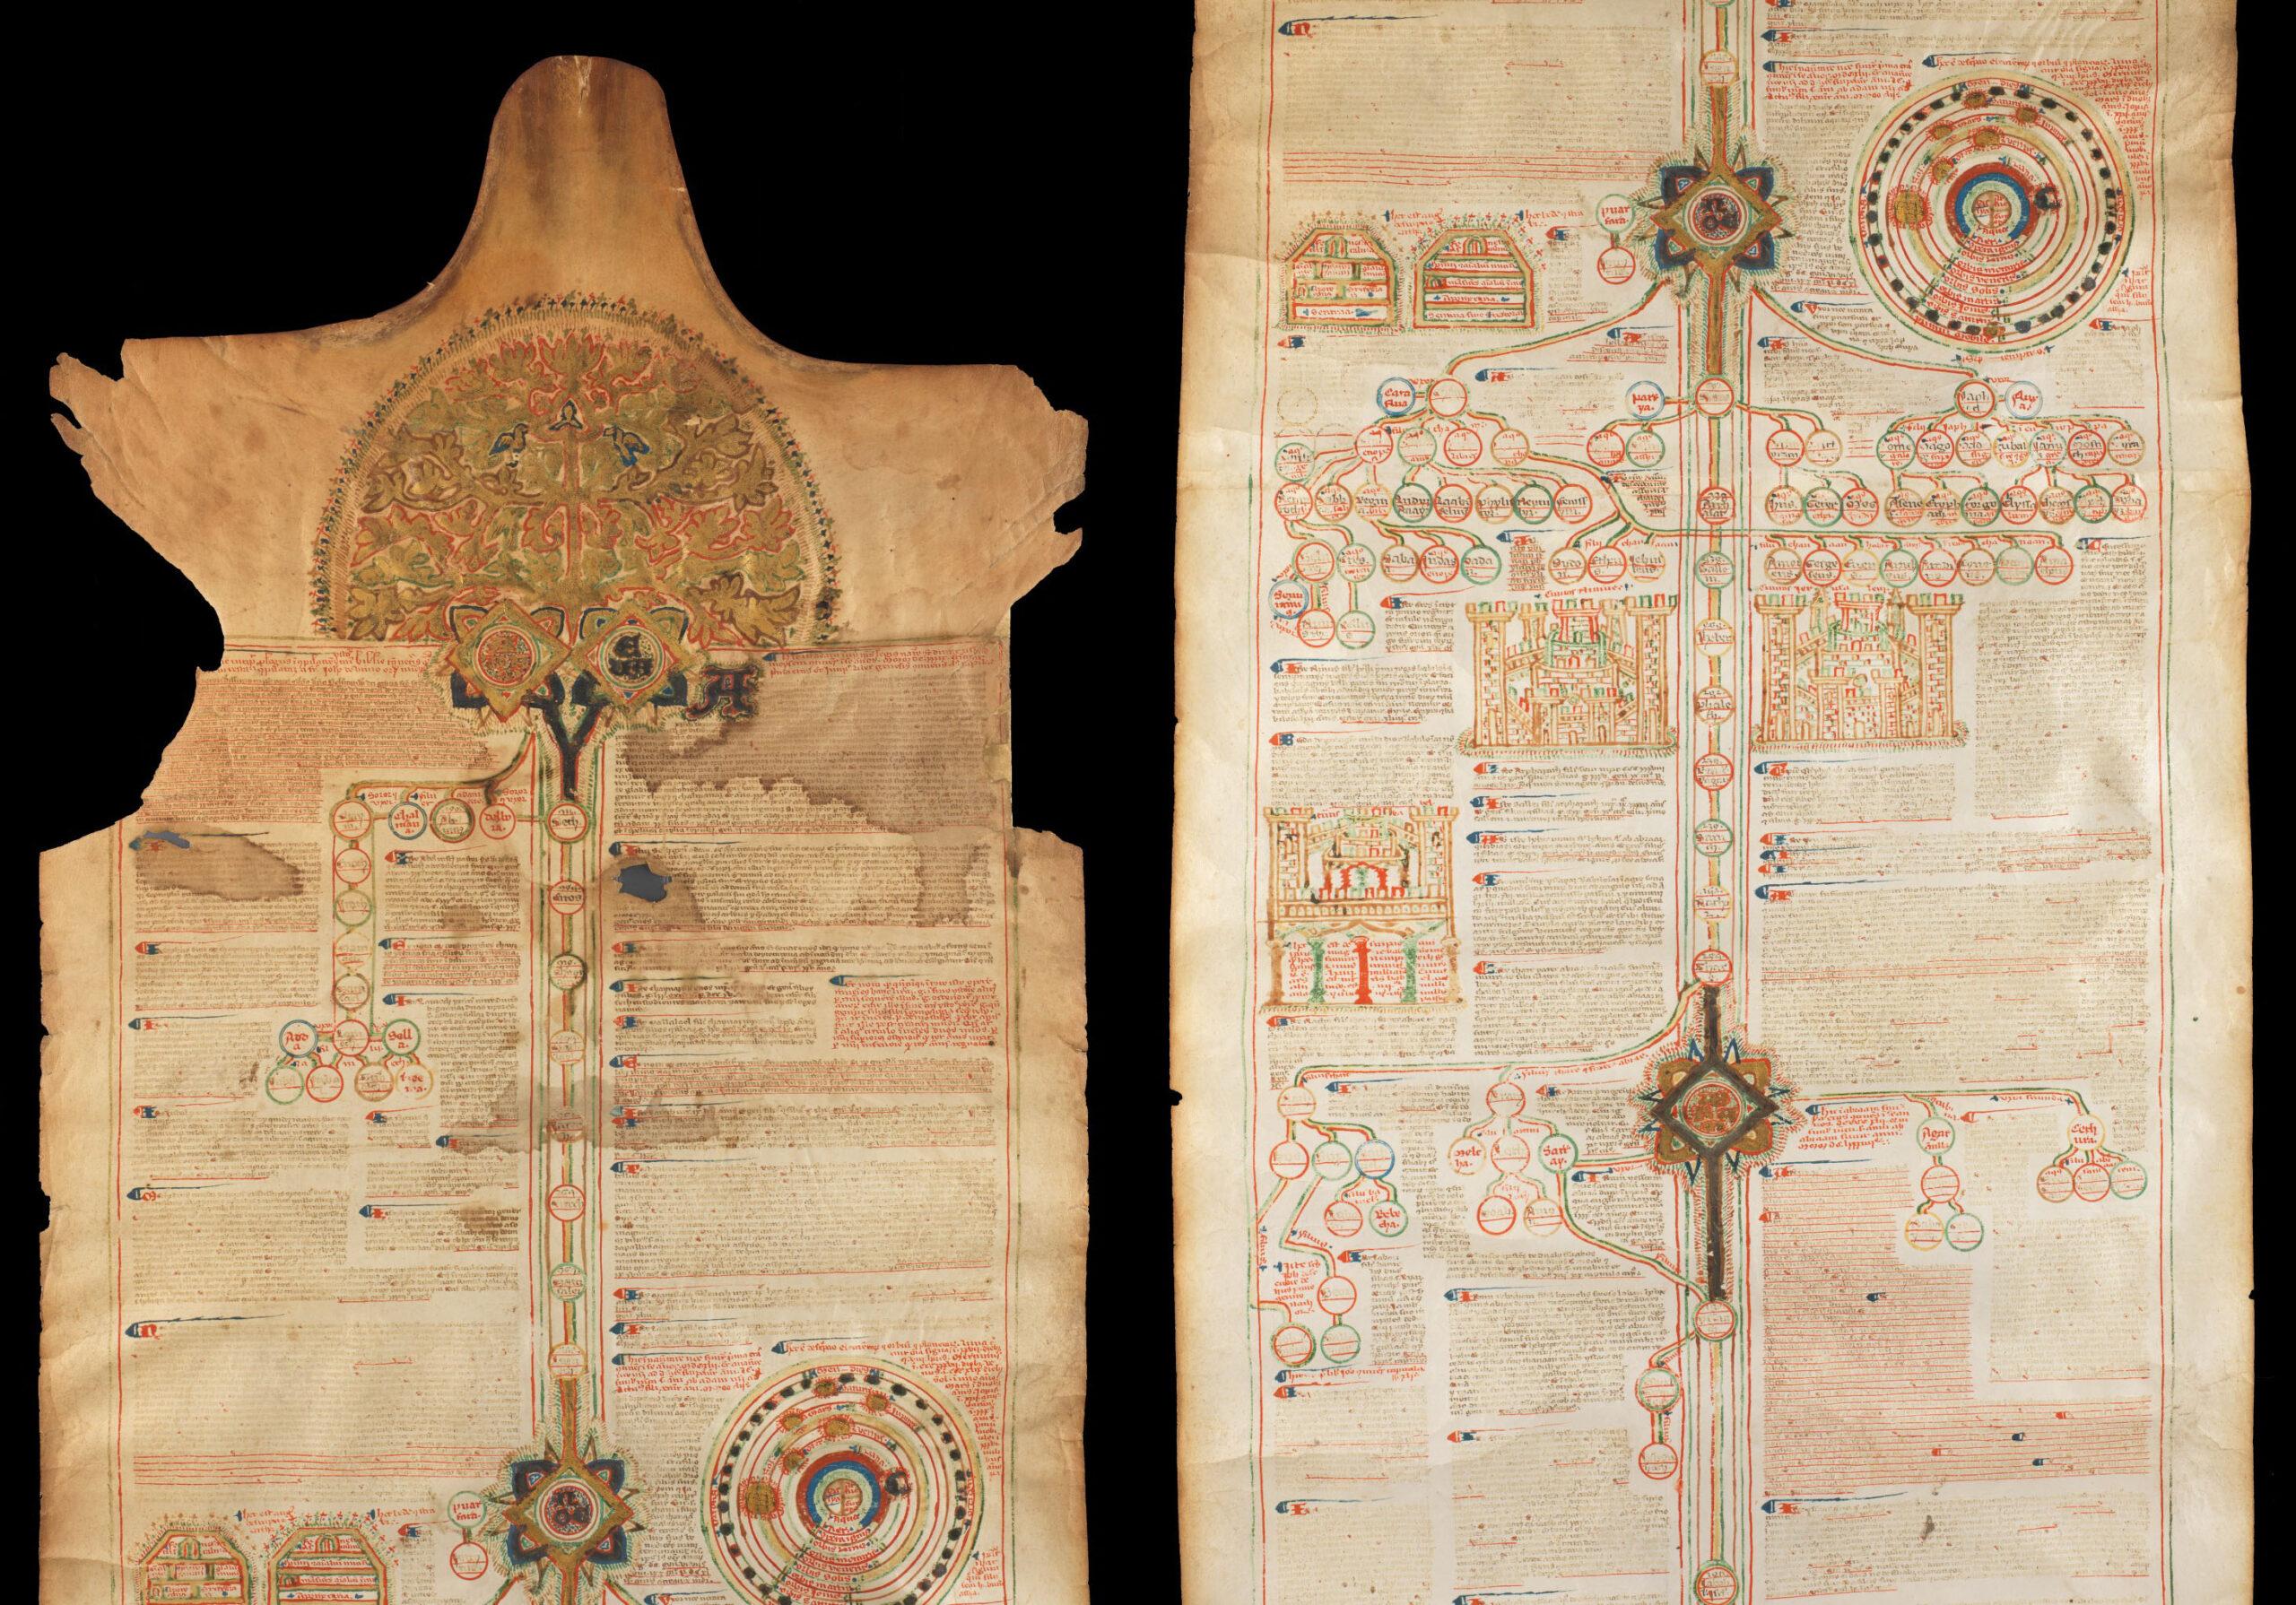 Geschichte auf über 6 Metern Länge – Die «Compilatio Nova» von Johannes von Udine aus dem 14. Jahrhundert